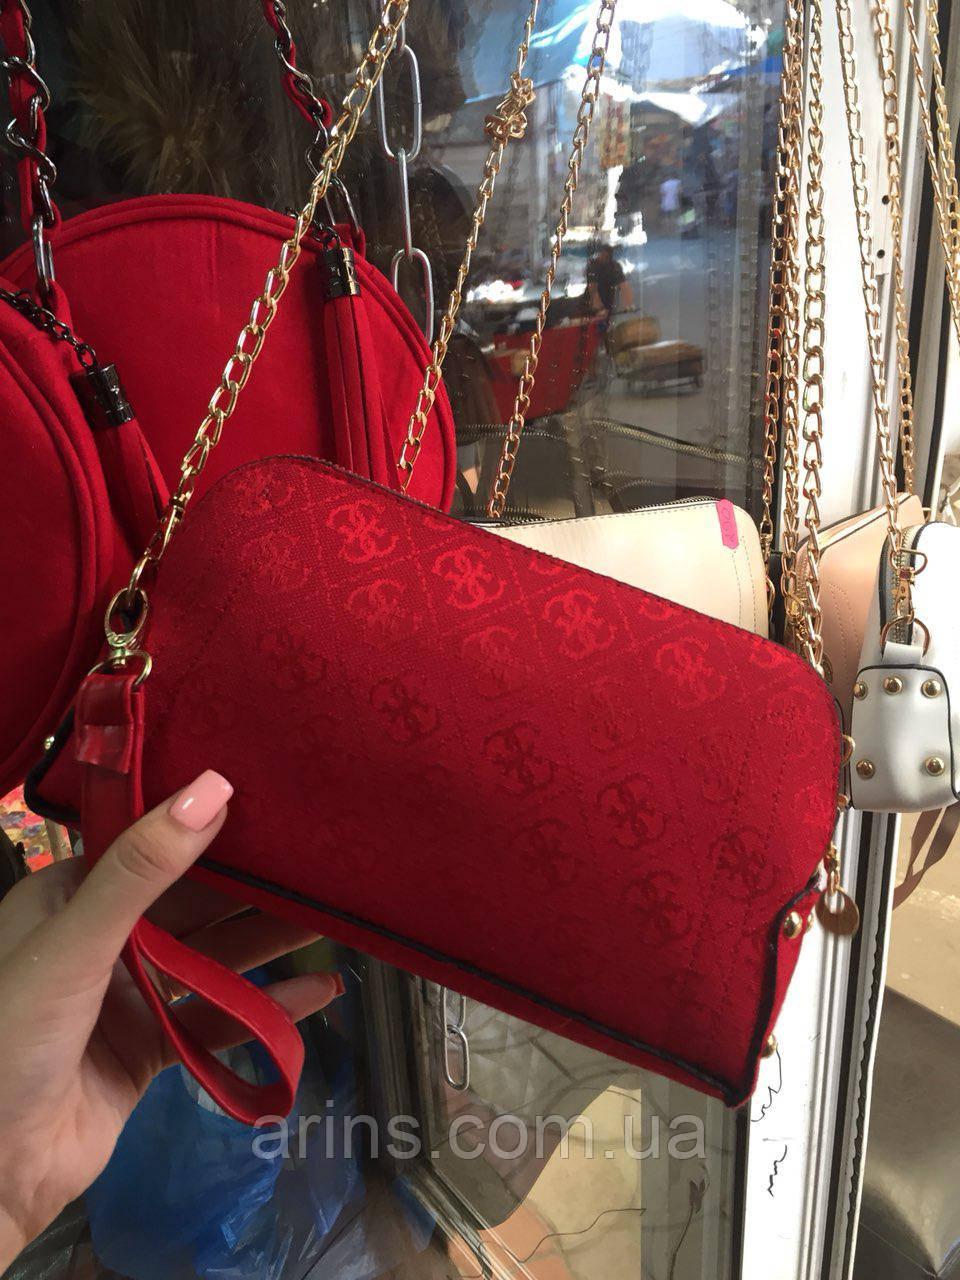 54f3cee546d6 Женская классическая сумка клатч на цепочке цвет красный производство  Турция Chanel, цена 350 грн., купить в Харькове — Prom.ua (ID#749246758)